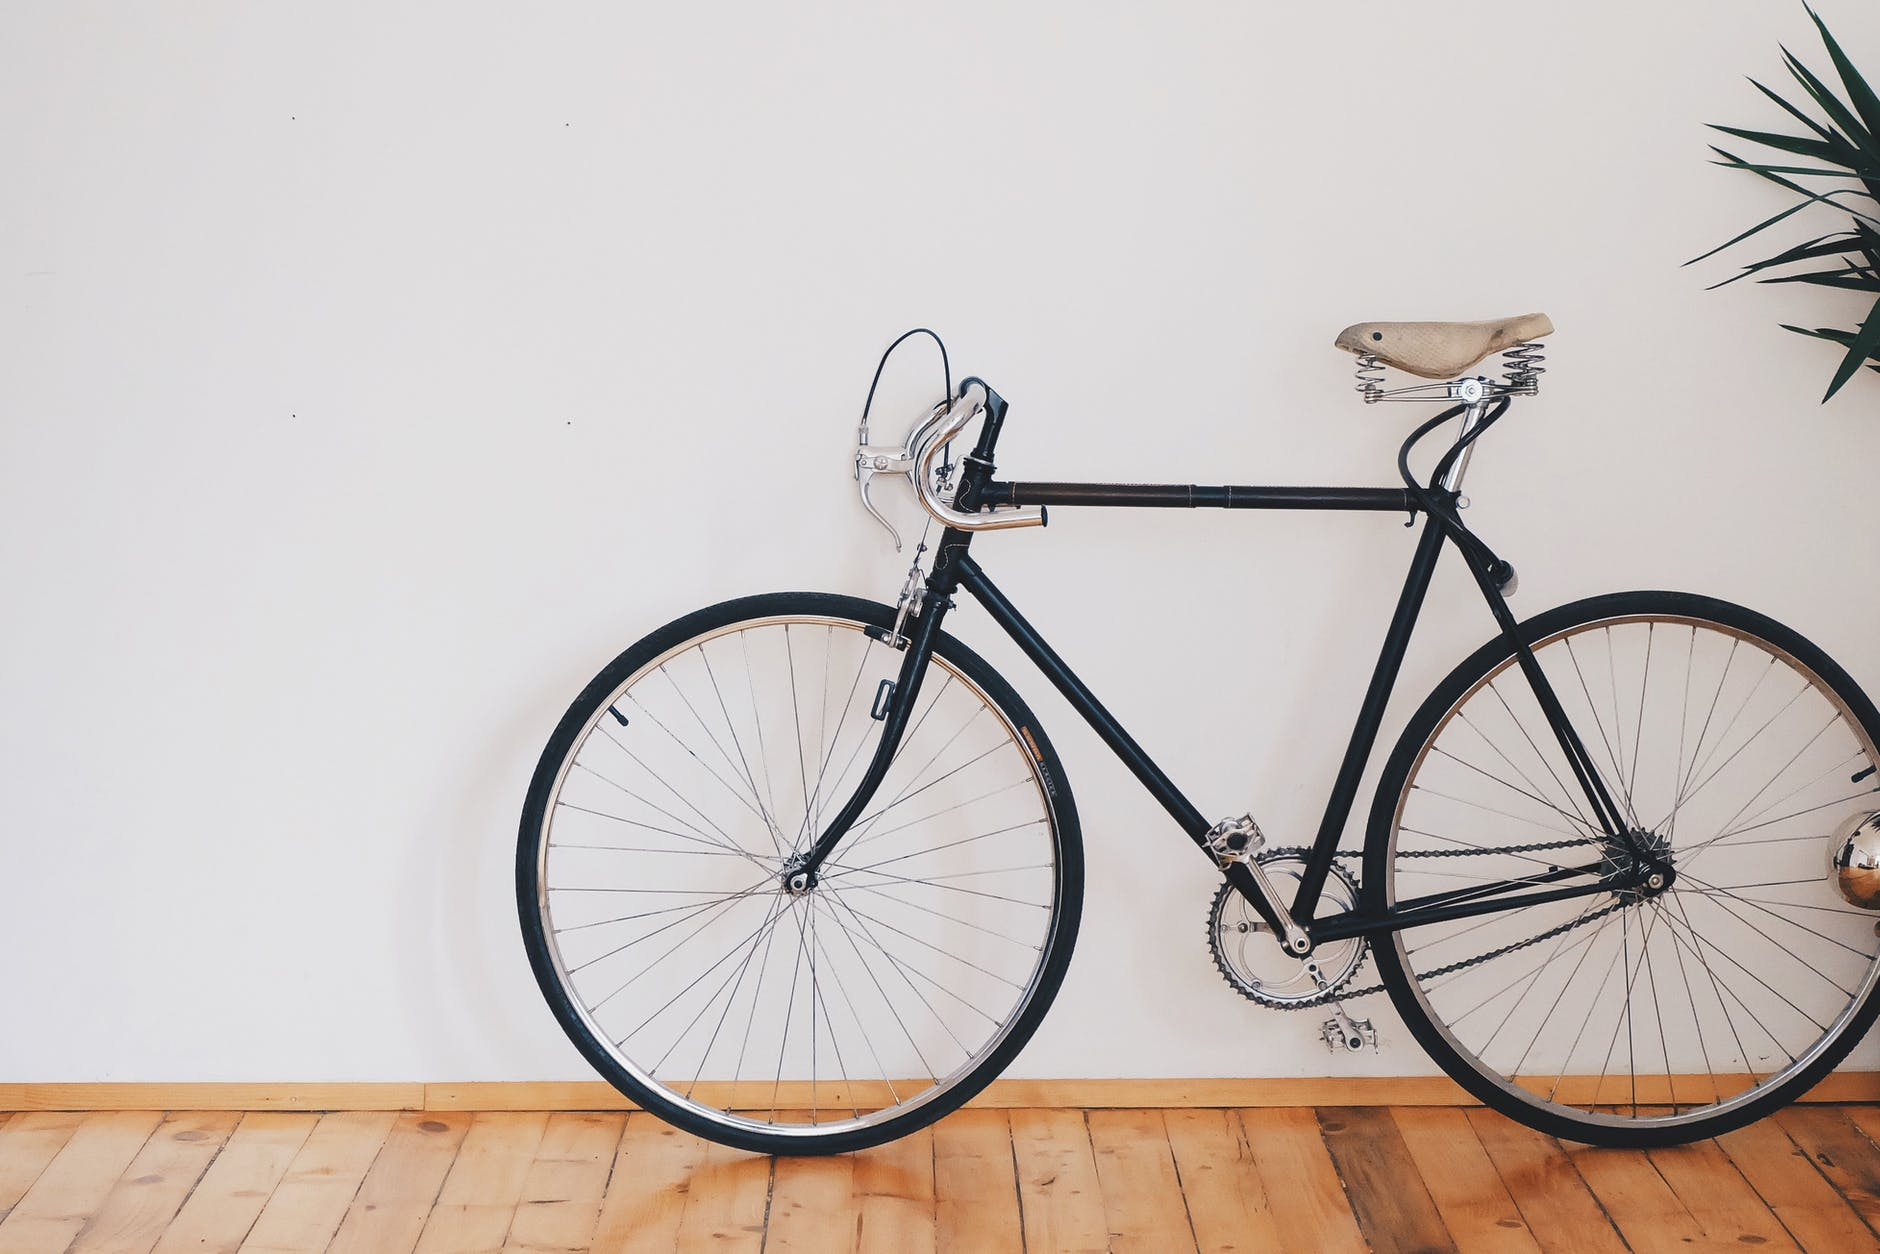 База данных велосипедов появится в Барселоне